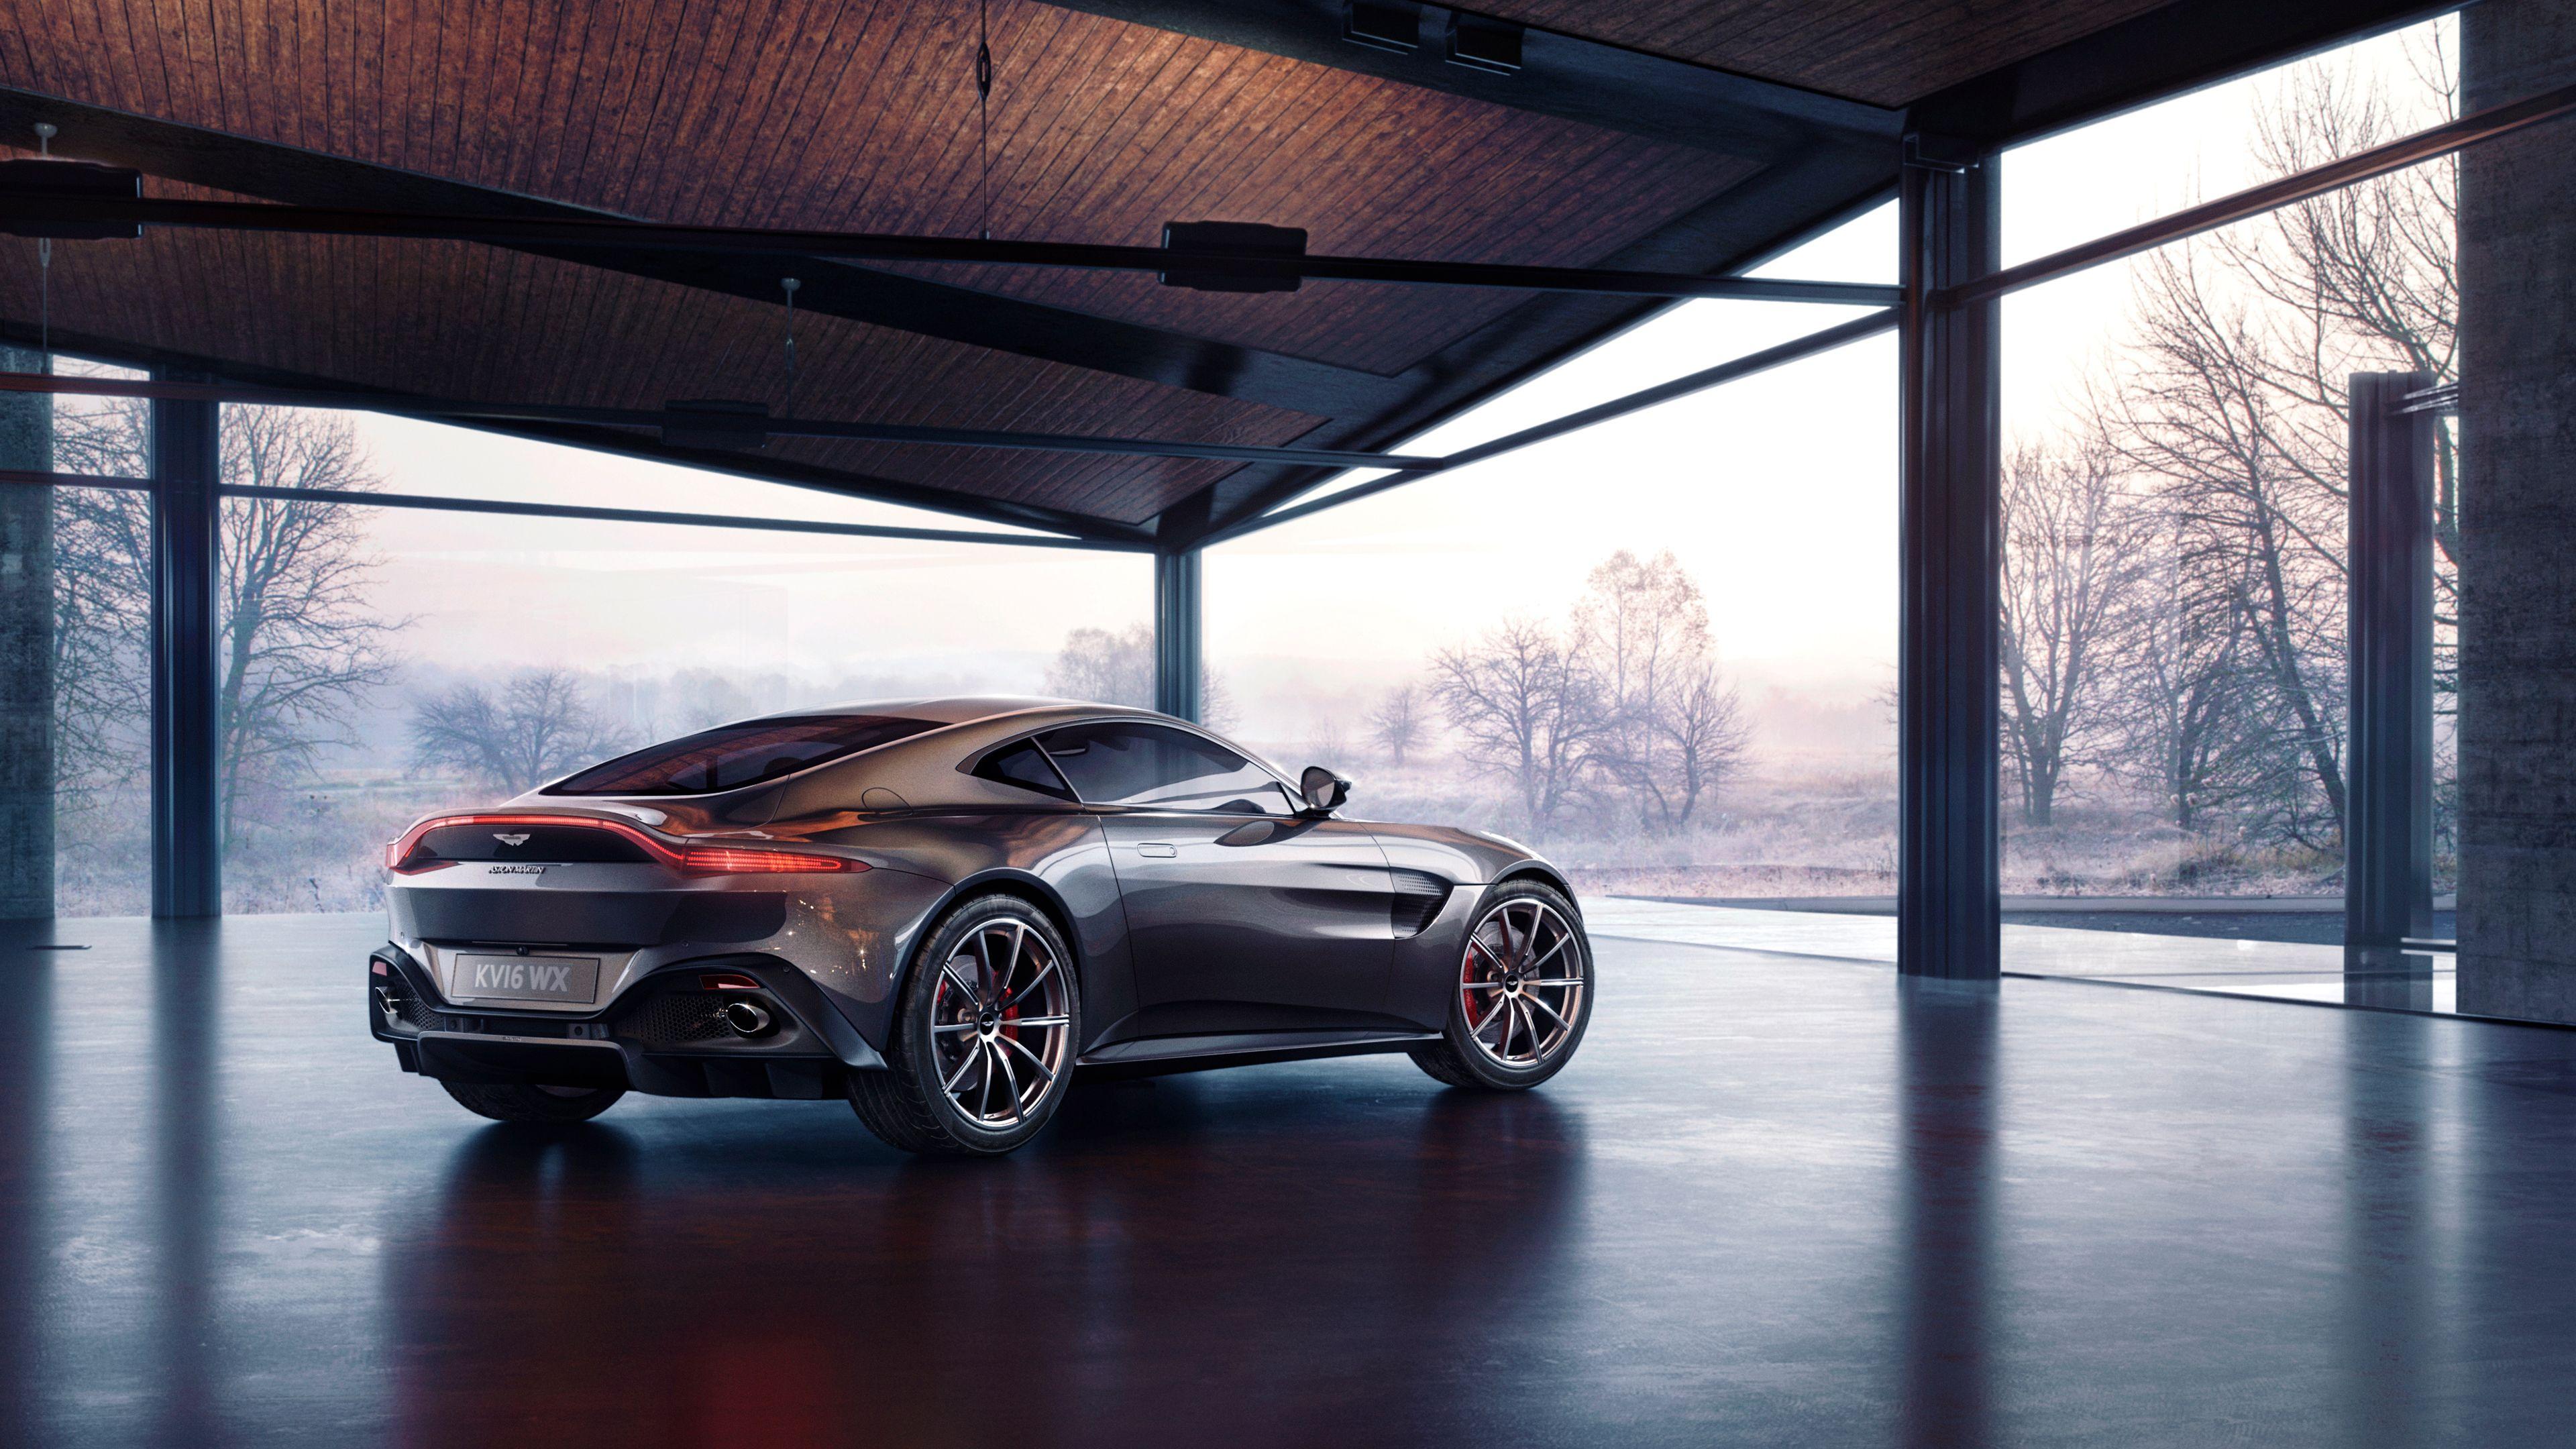 Aston Martin Vantage Rear Hd Wallpapers Behance Wallpapers Aston Martin Wallpapers Aston Martin Vantage Wallpapers Aston Martin Vantage Aston Martin Aston